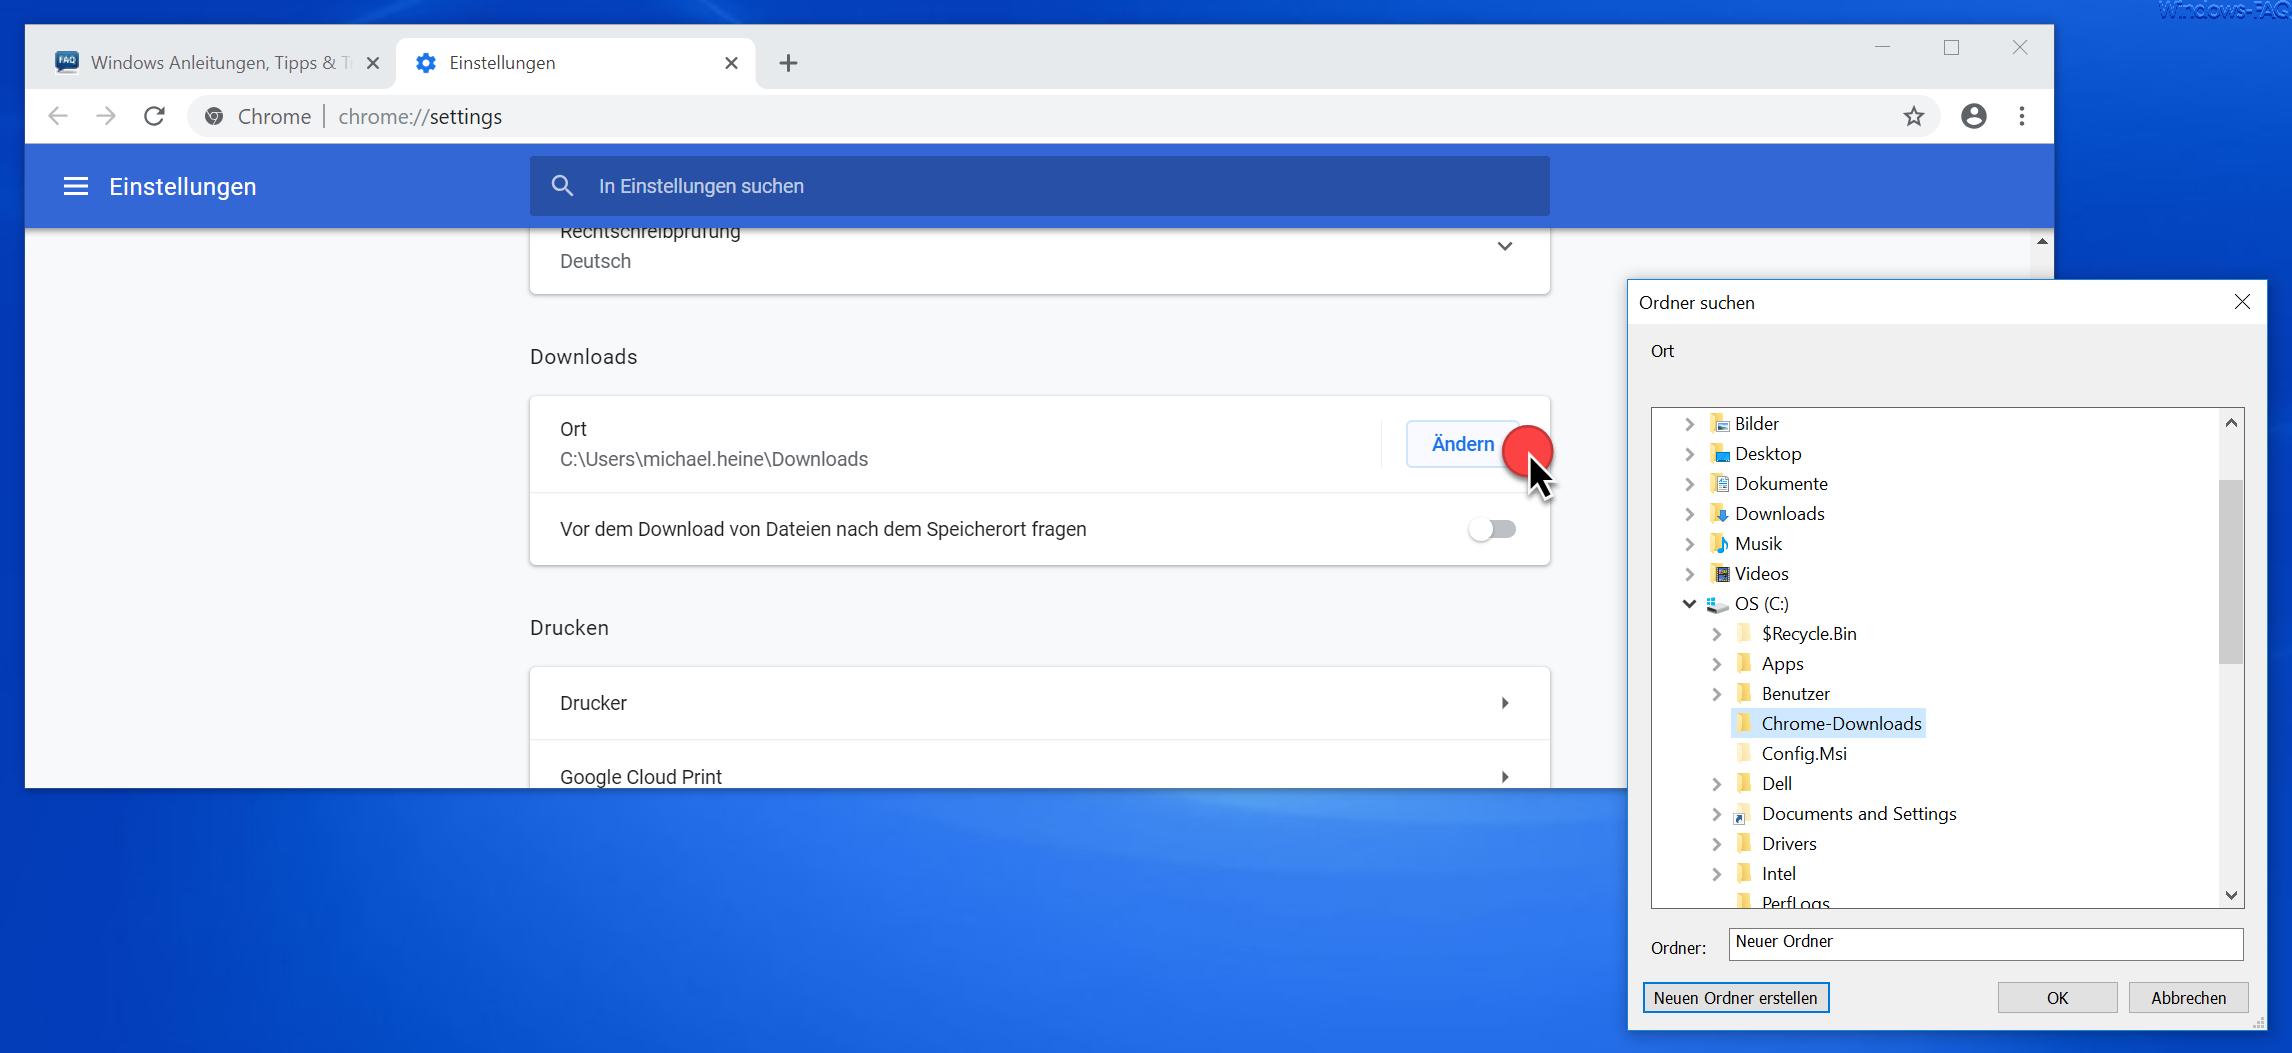 Chrome Downloadordner auswählen